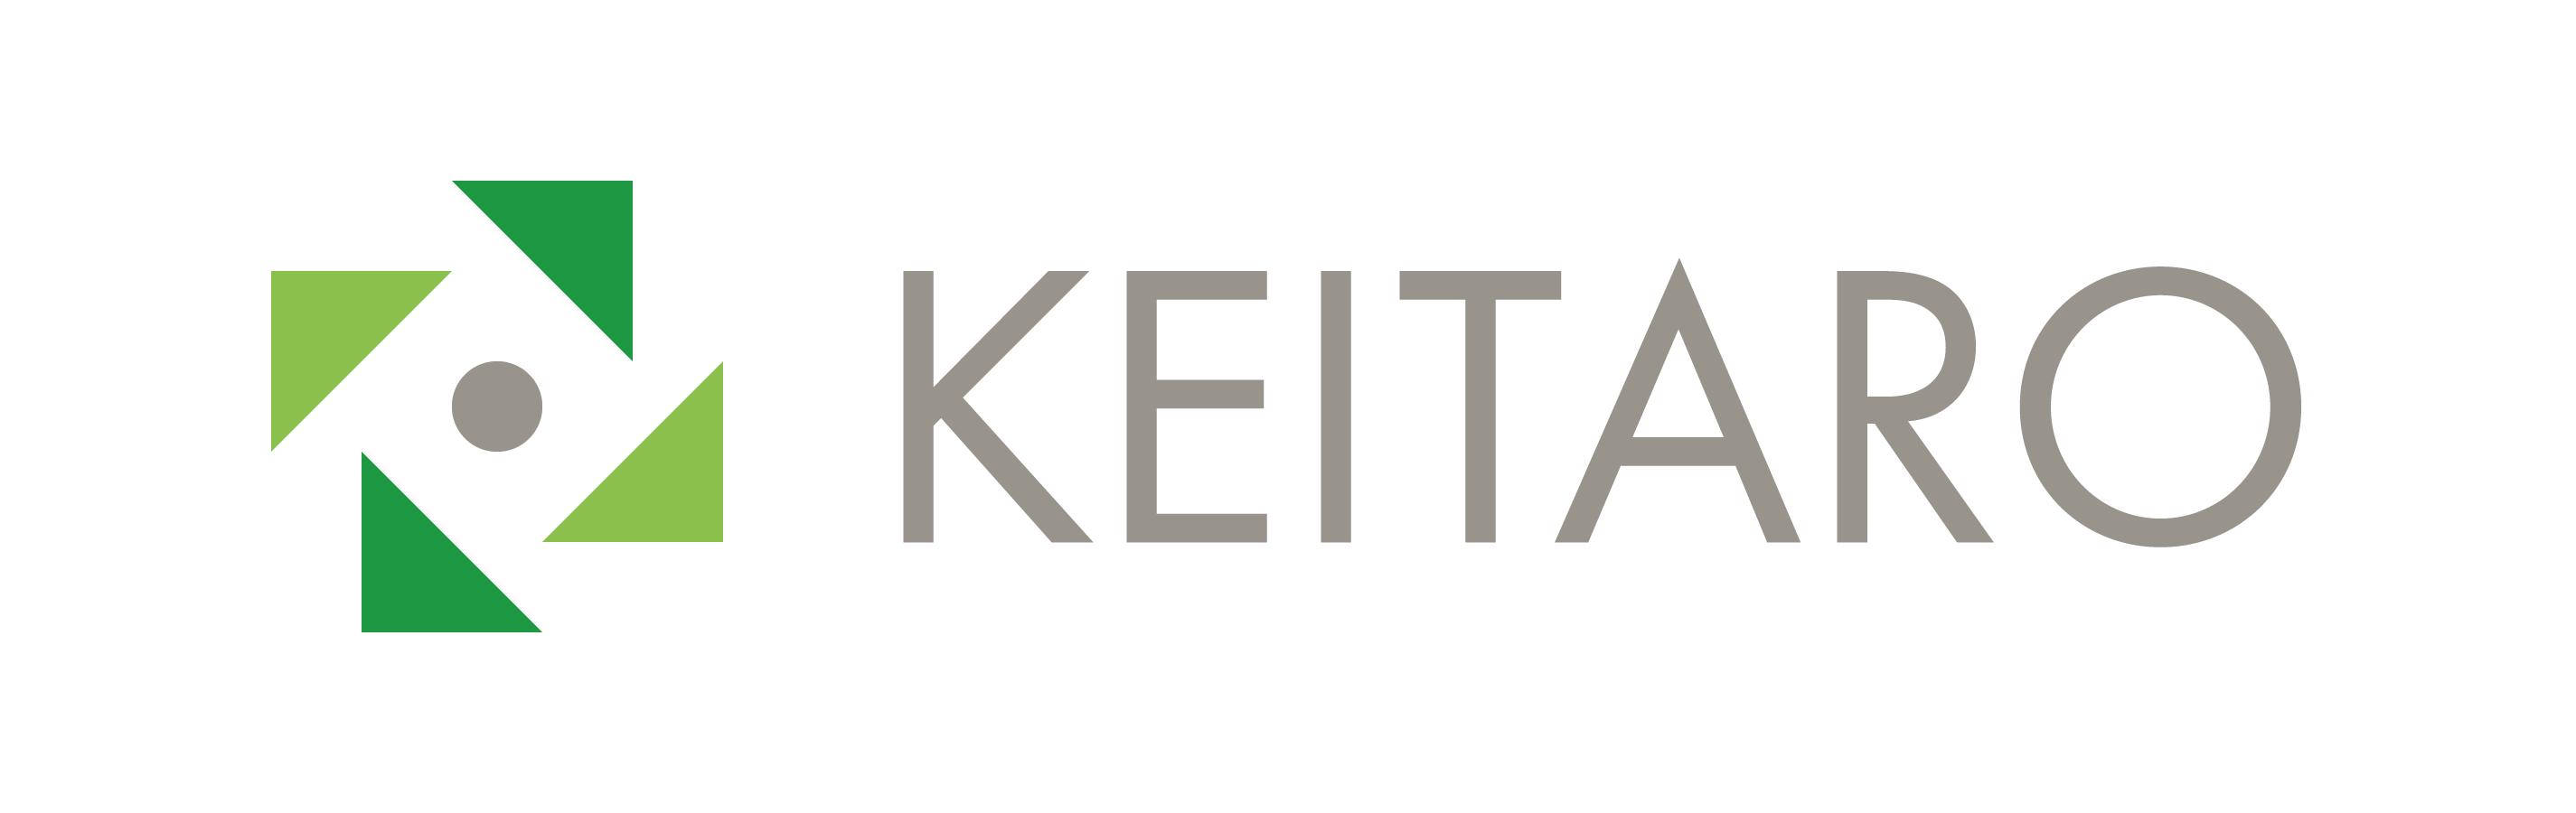 Keitaro Logotype